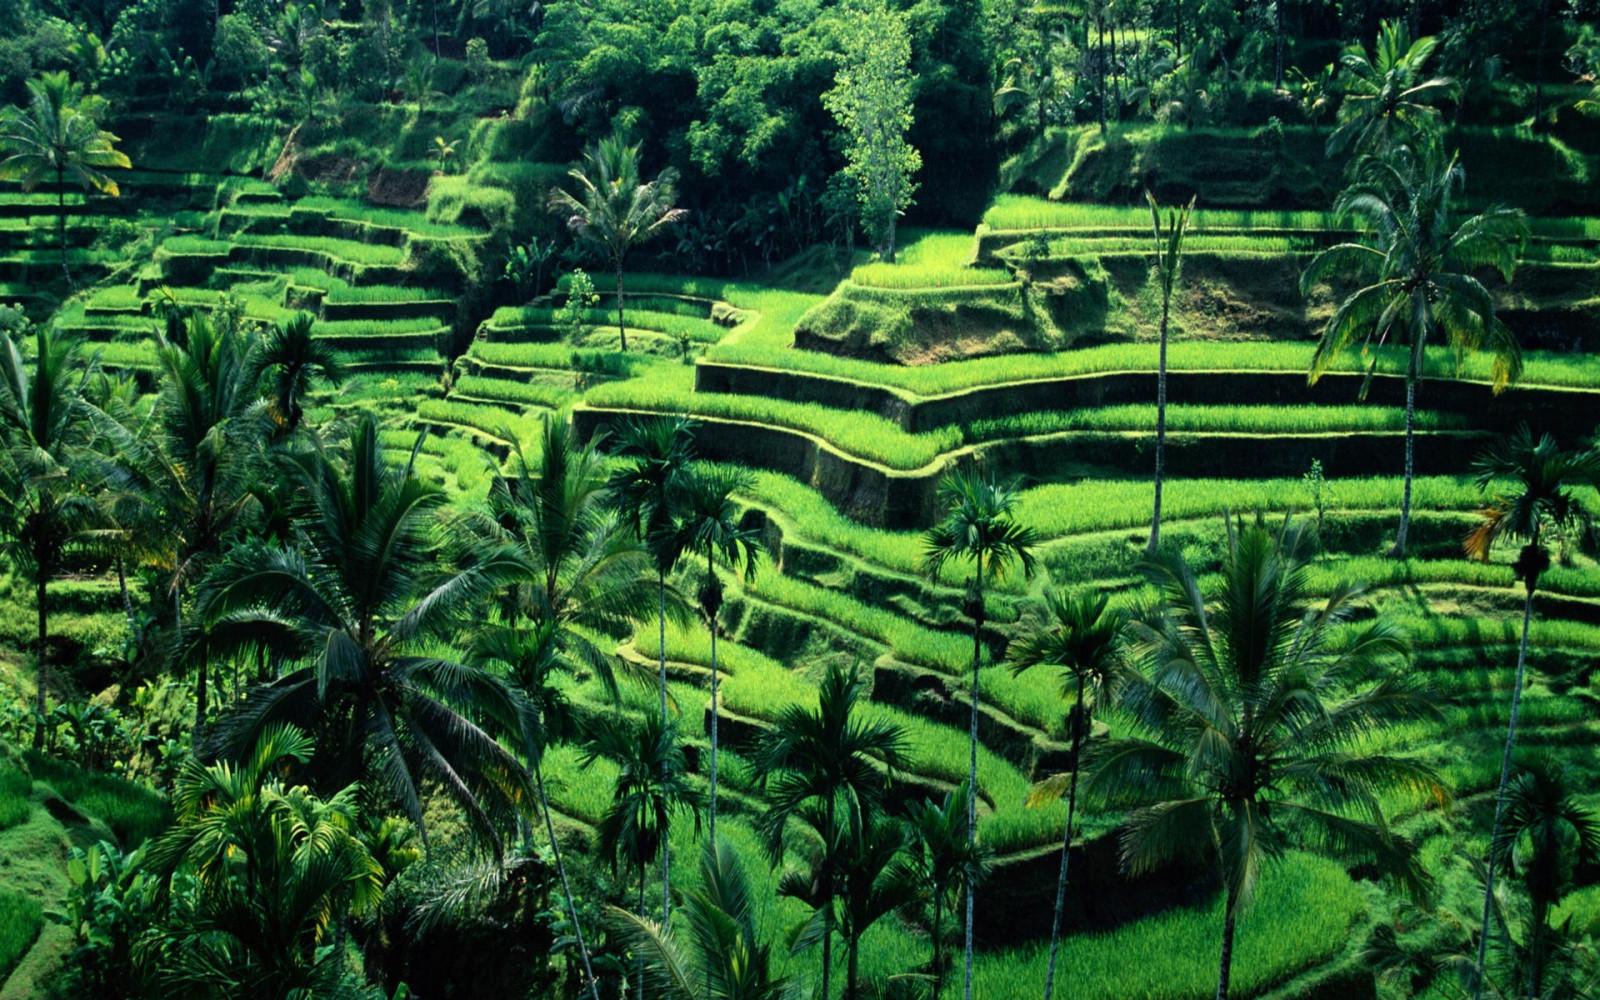 Sfondi Verde Giungla Bali Foresta Pluviale Indonesia